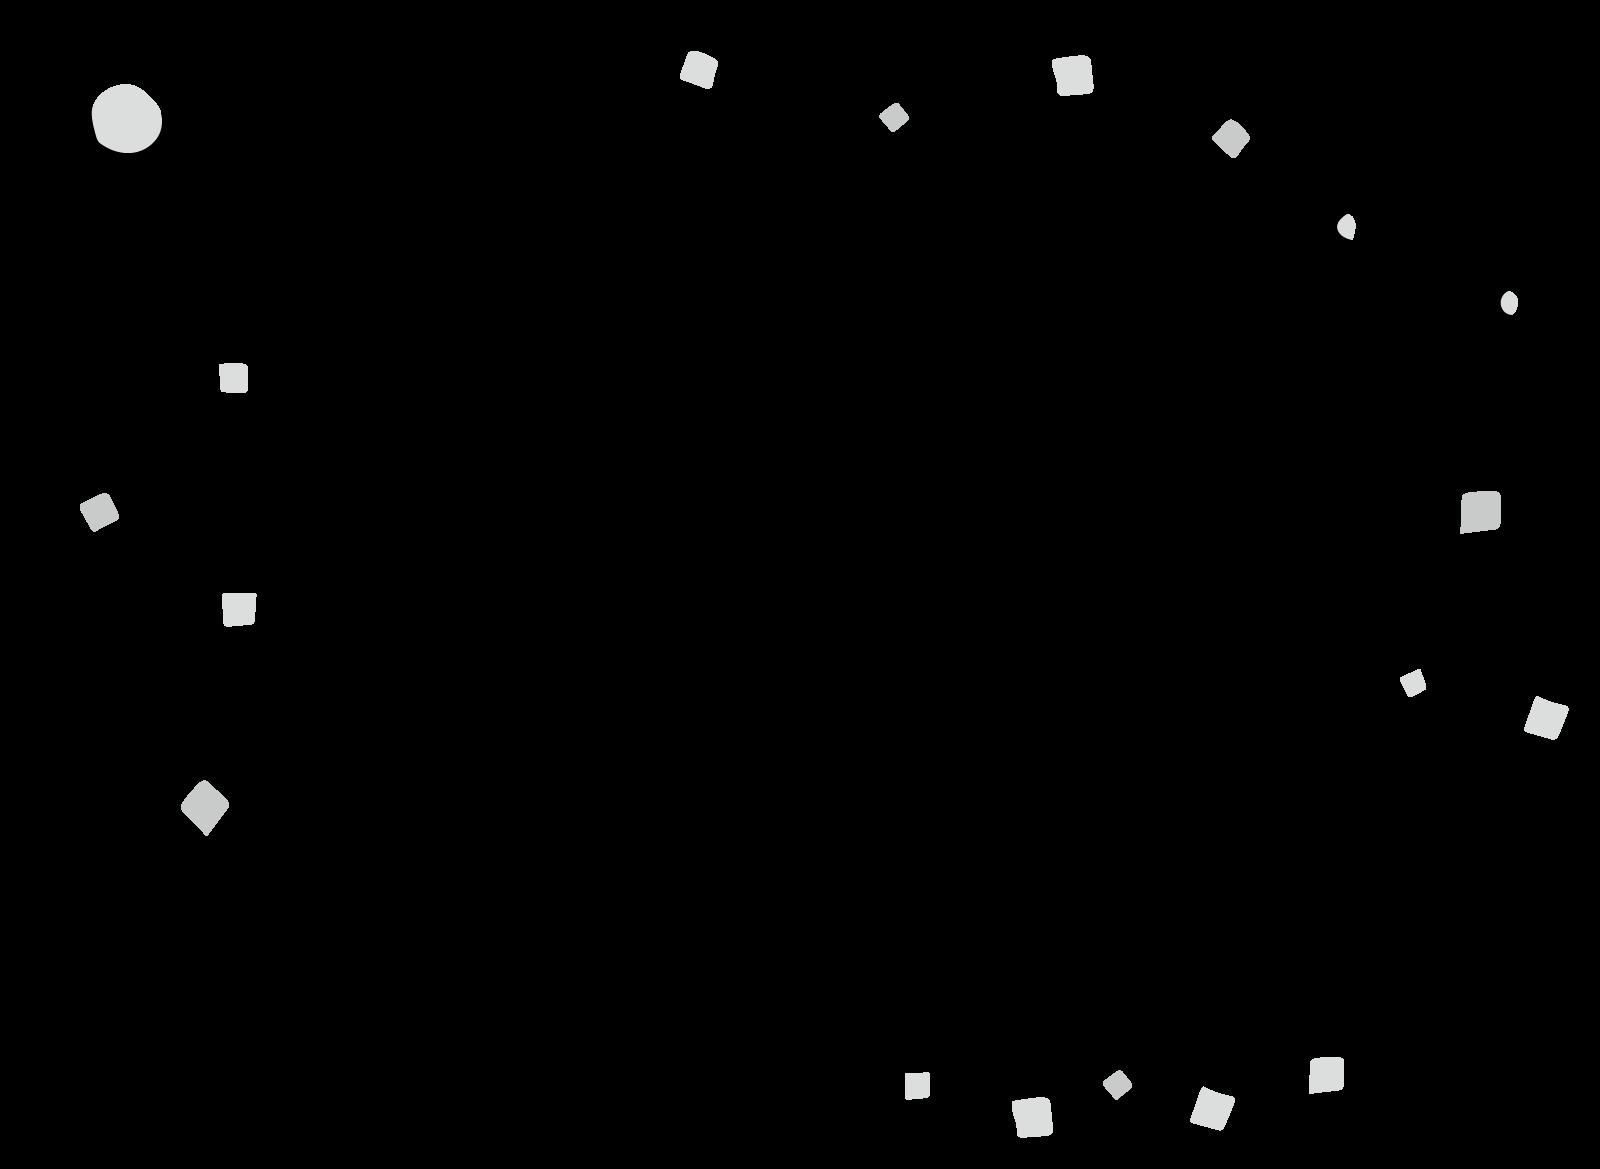 凧揚げのフレーム枠背景イラスト画像素材(白黒、モノクロ)